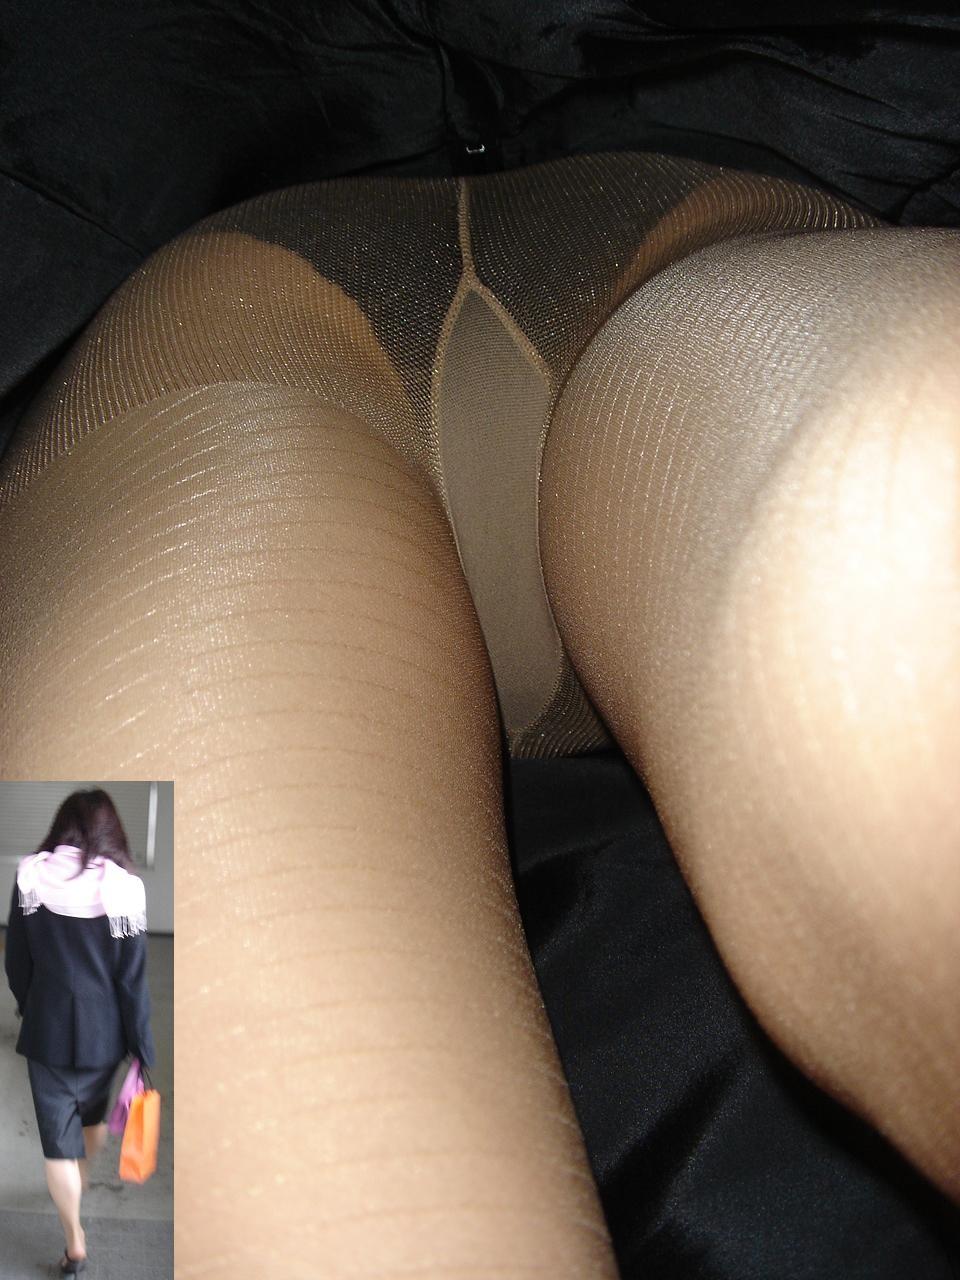 黒パンティーがセクシーで思わず凝視!